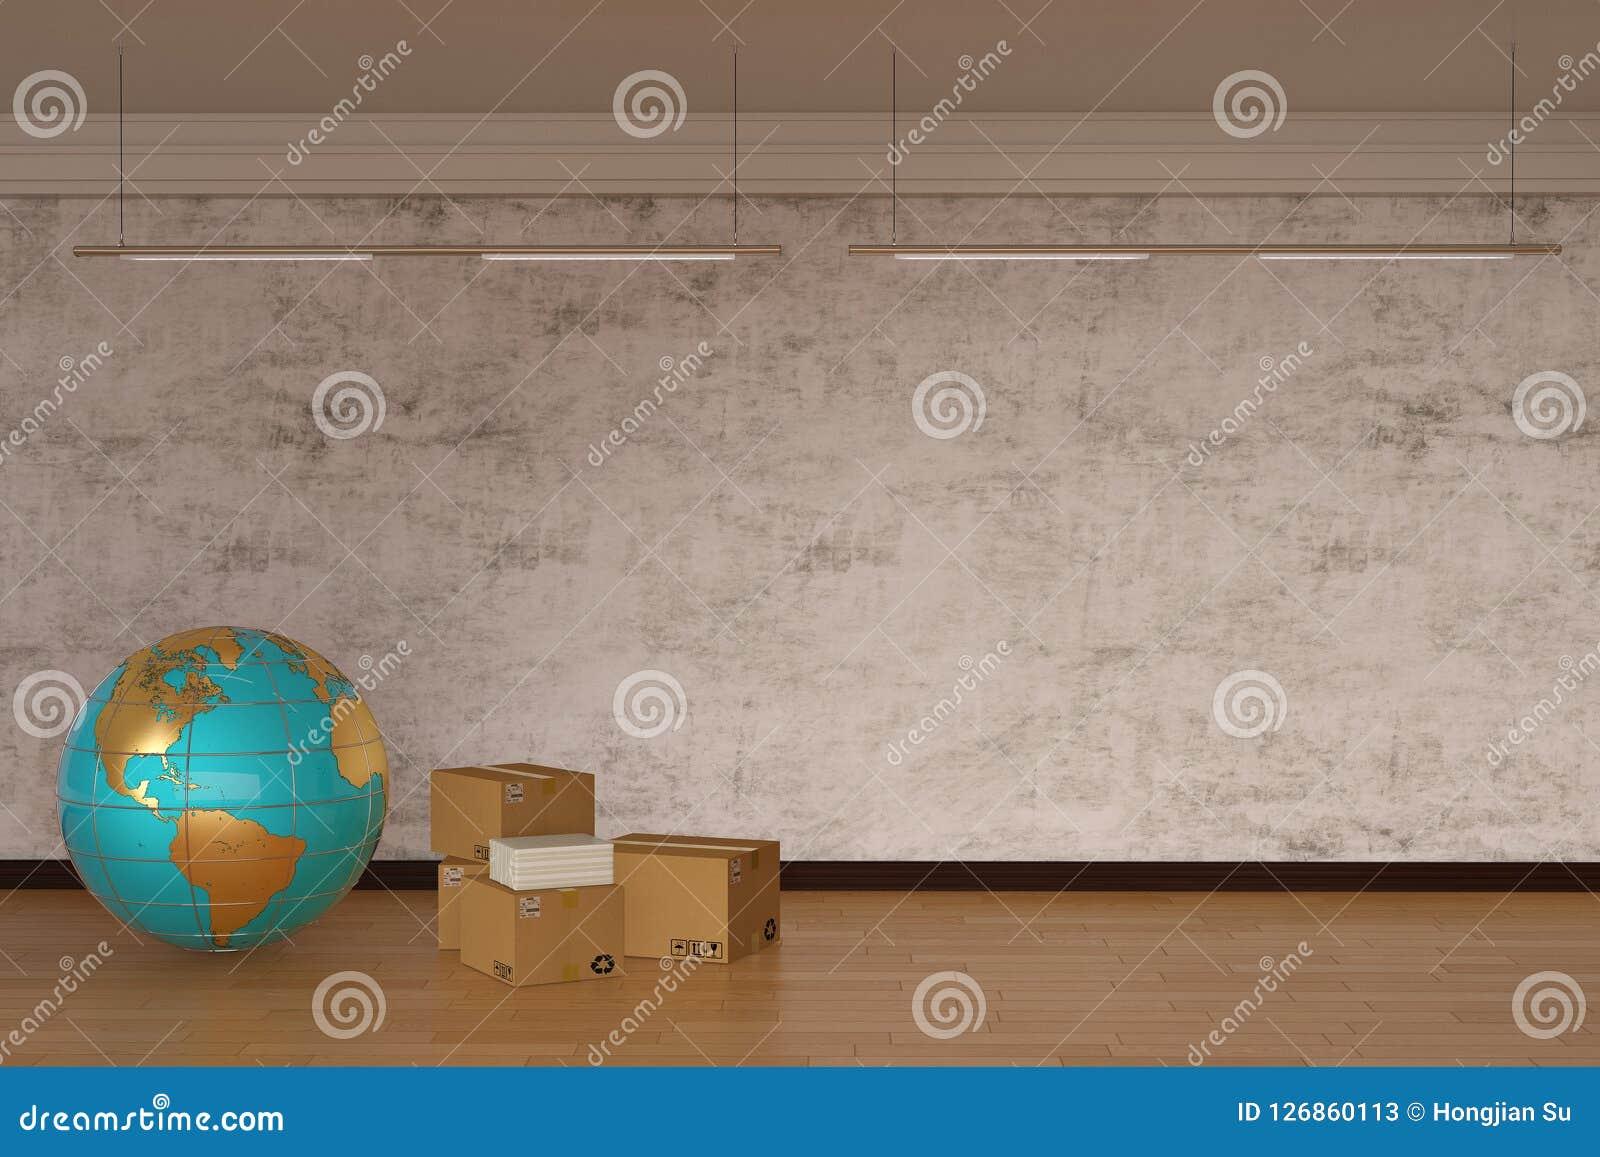 Globe and carton on wooden floor. 3D illustration.